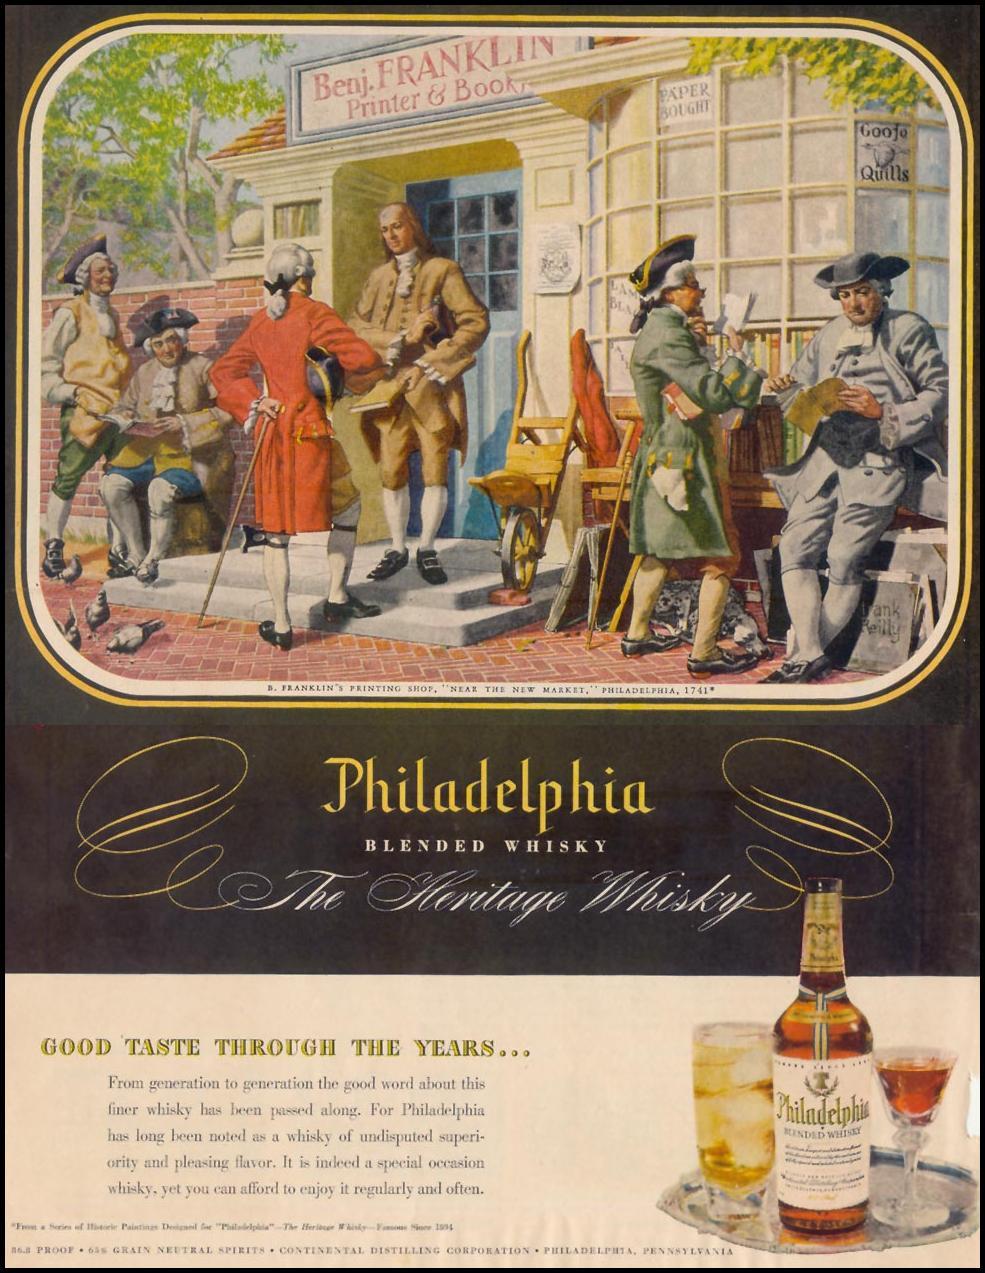 PHILADELPHIA BLENDED WHISKY LIFE 12/25/1950